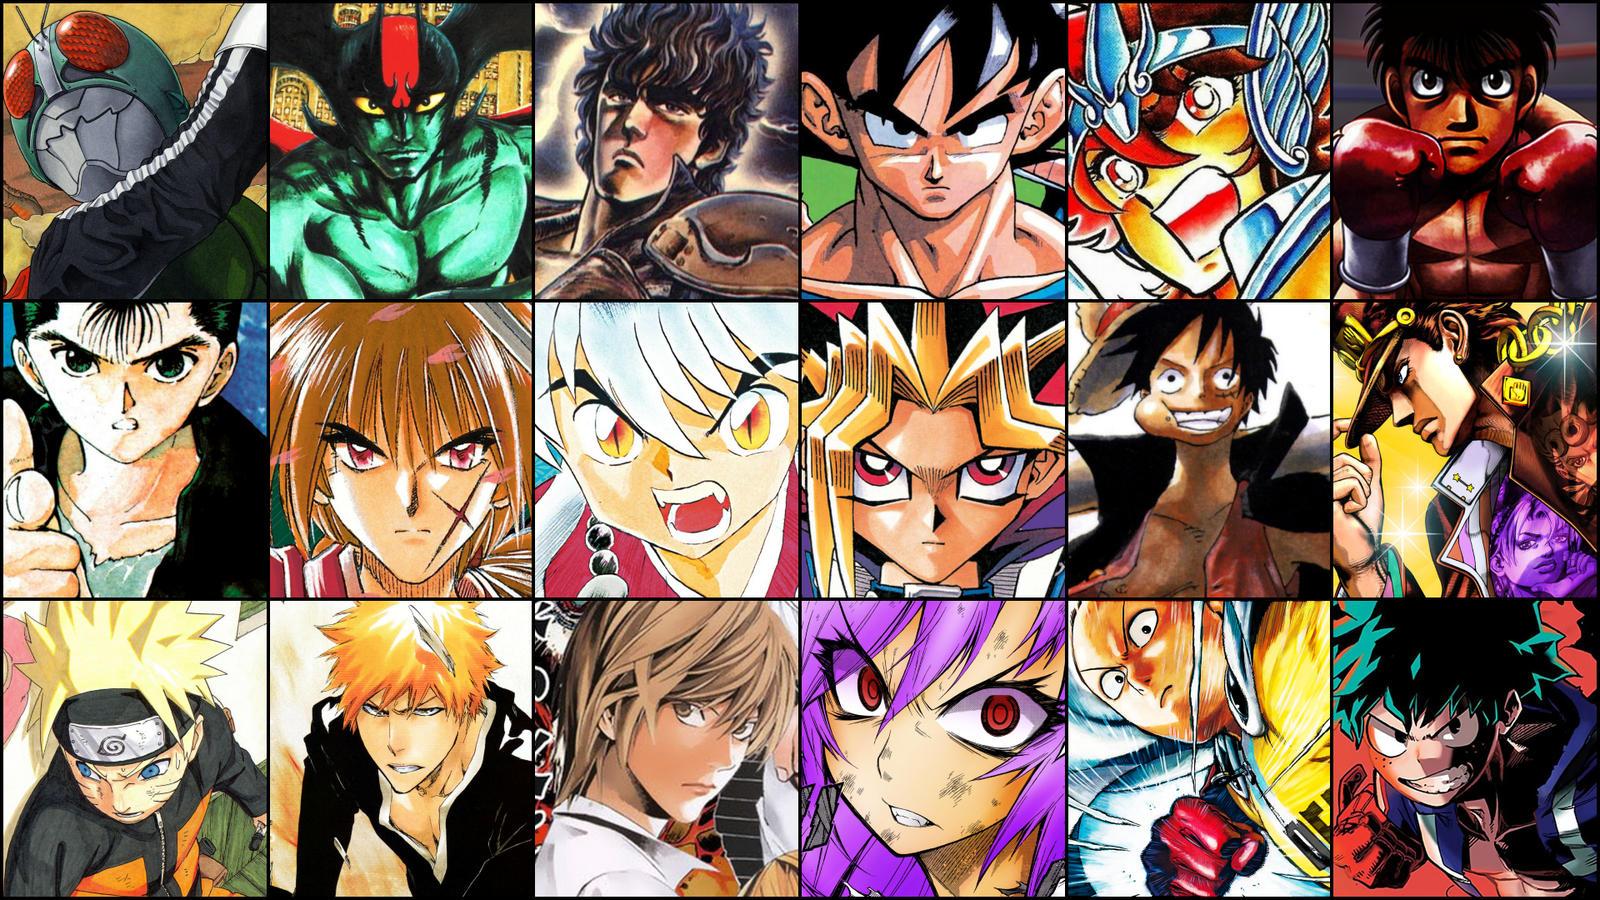 This Is Jump Anime Wallpaper Theme Games By Jmarvelhero On Deviantart